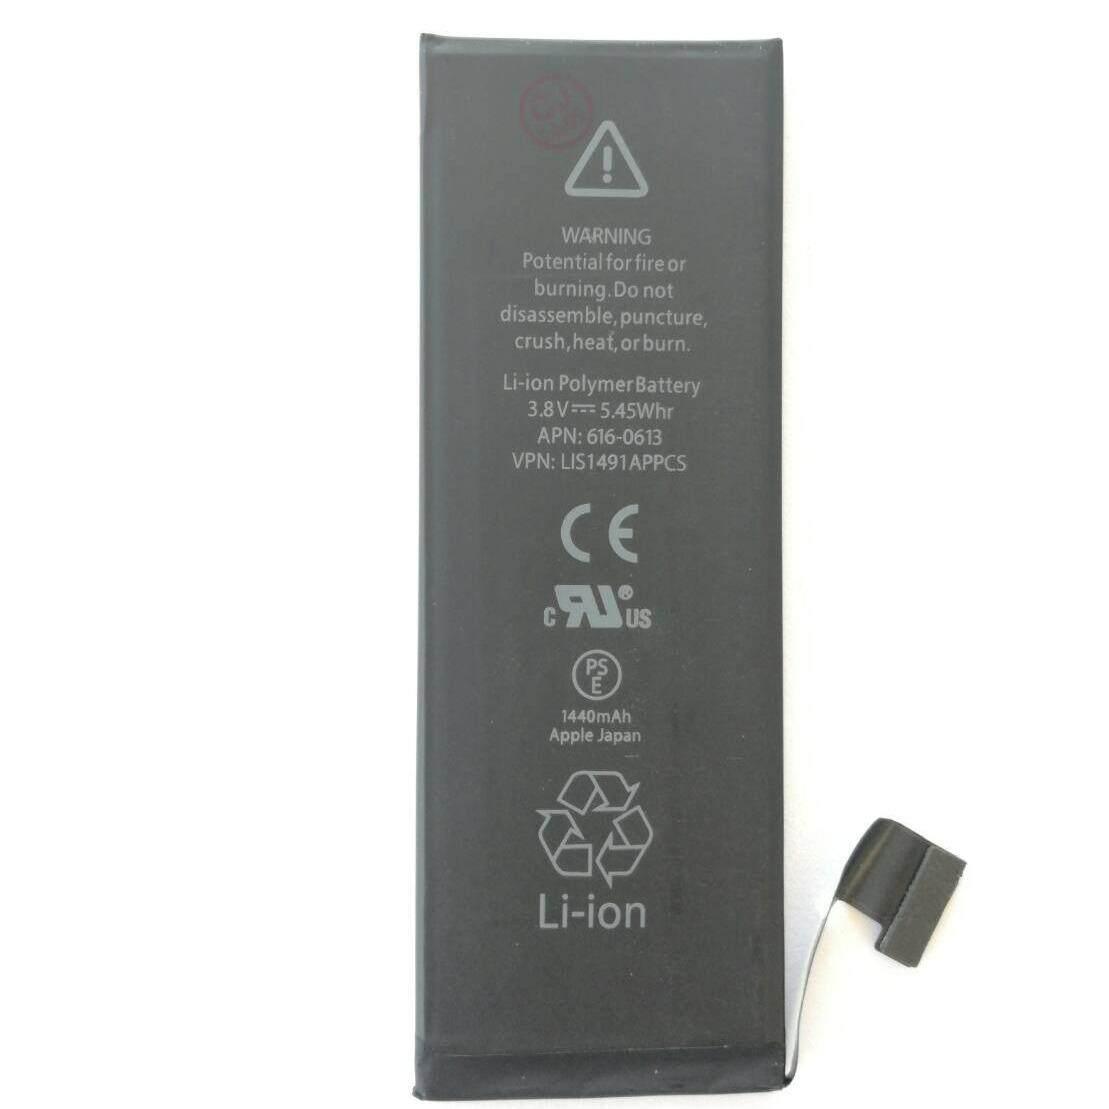 ราคา Iphone แบตเตอรี่มือถือ Iphone 5C Unbranded Generic เป็นต้นฉบับ